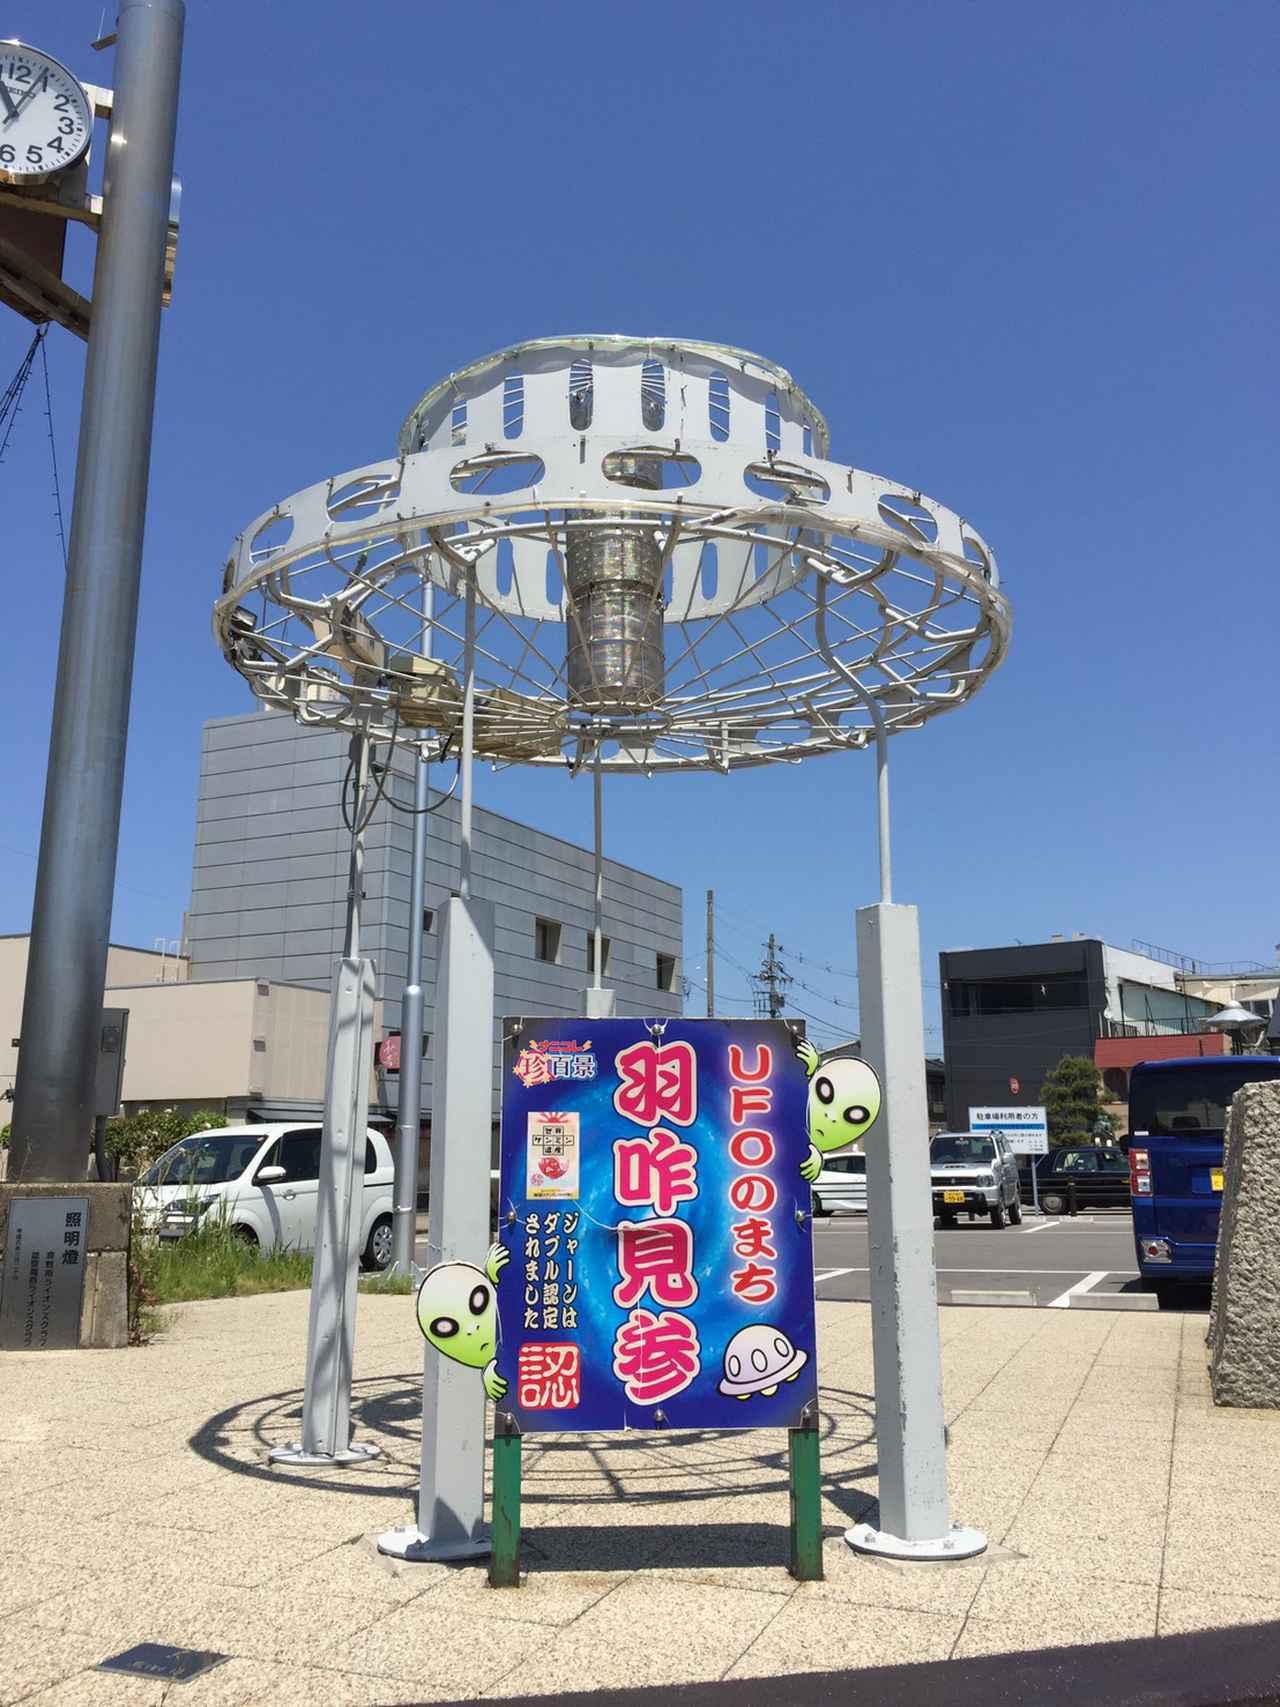 画像6: 羽咋市と宇宙の謎に迫る!? 福山理子がSSTRのゴール地点石川県千里浜周辺のおすすめスポットをご紹介!